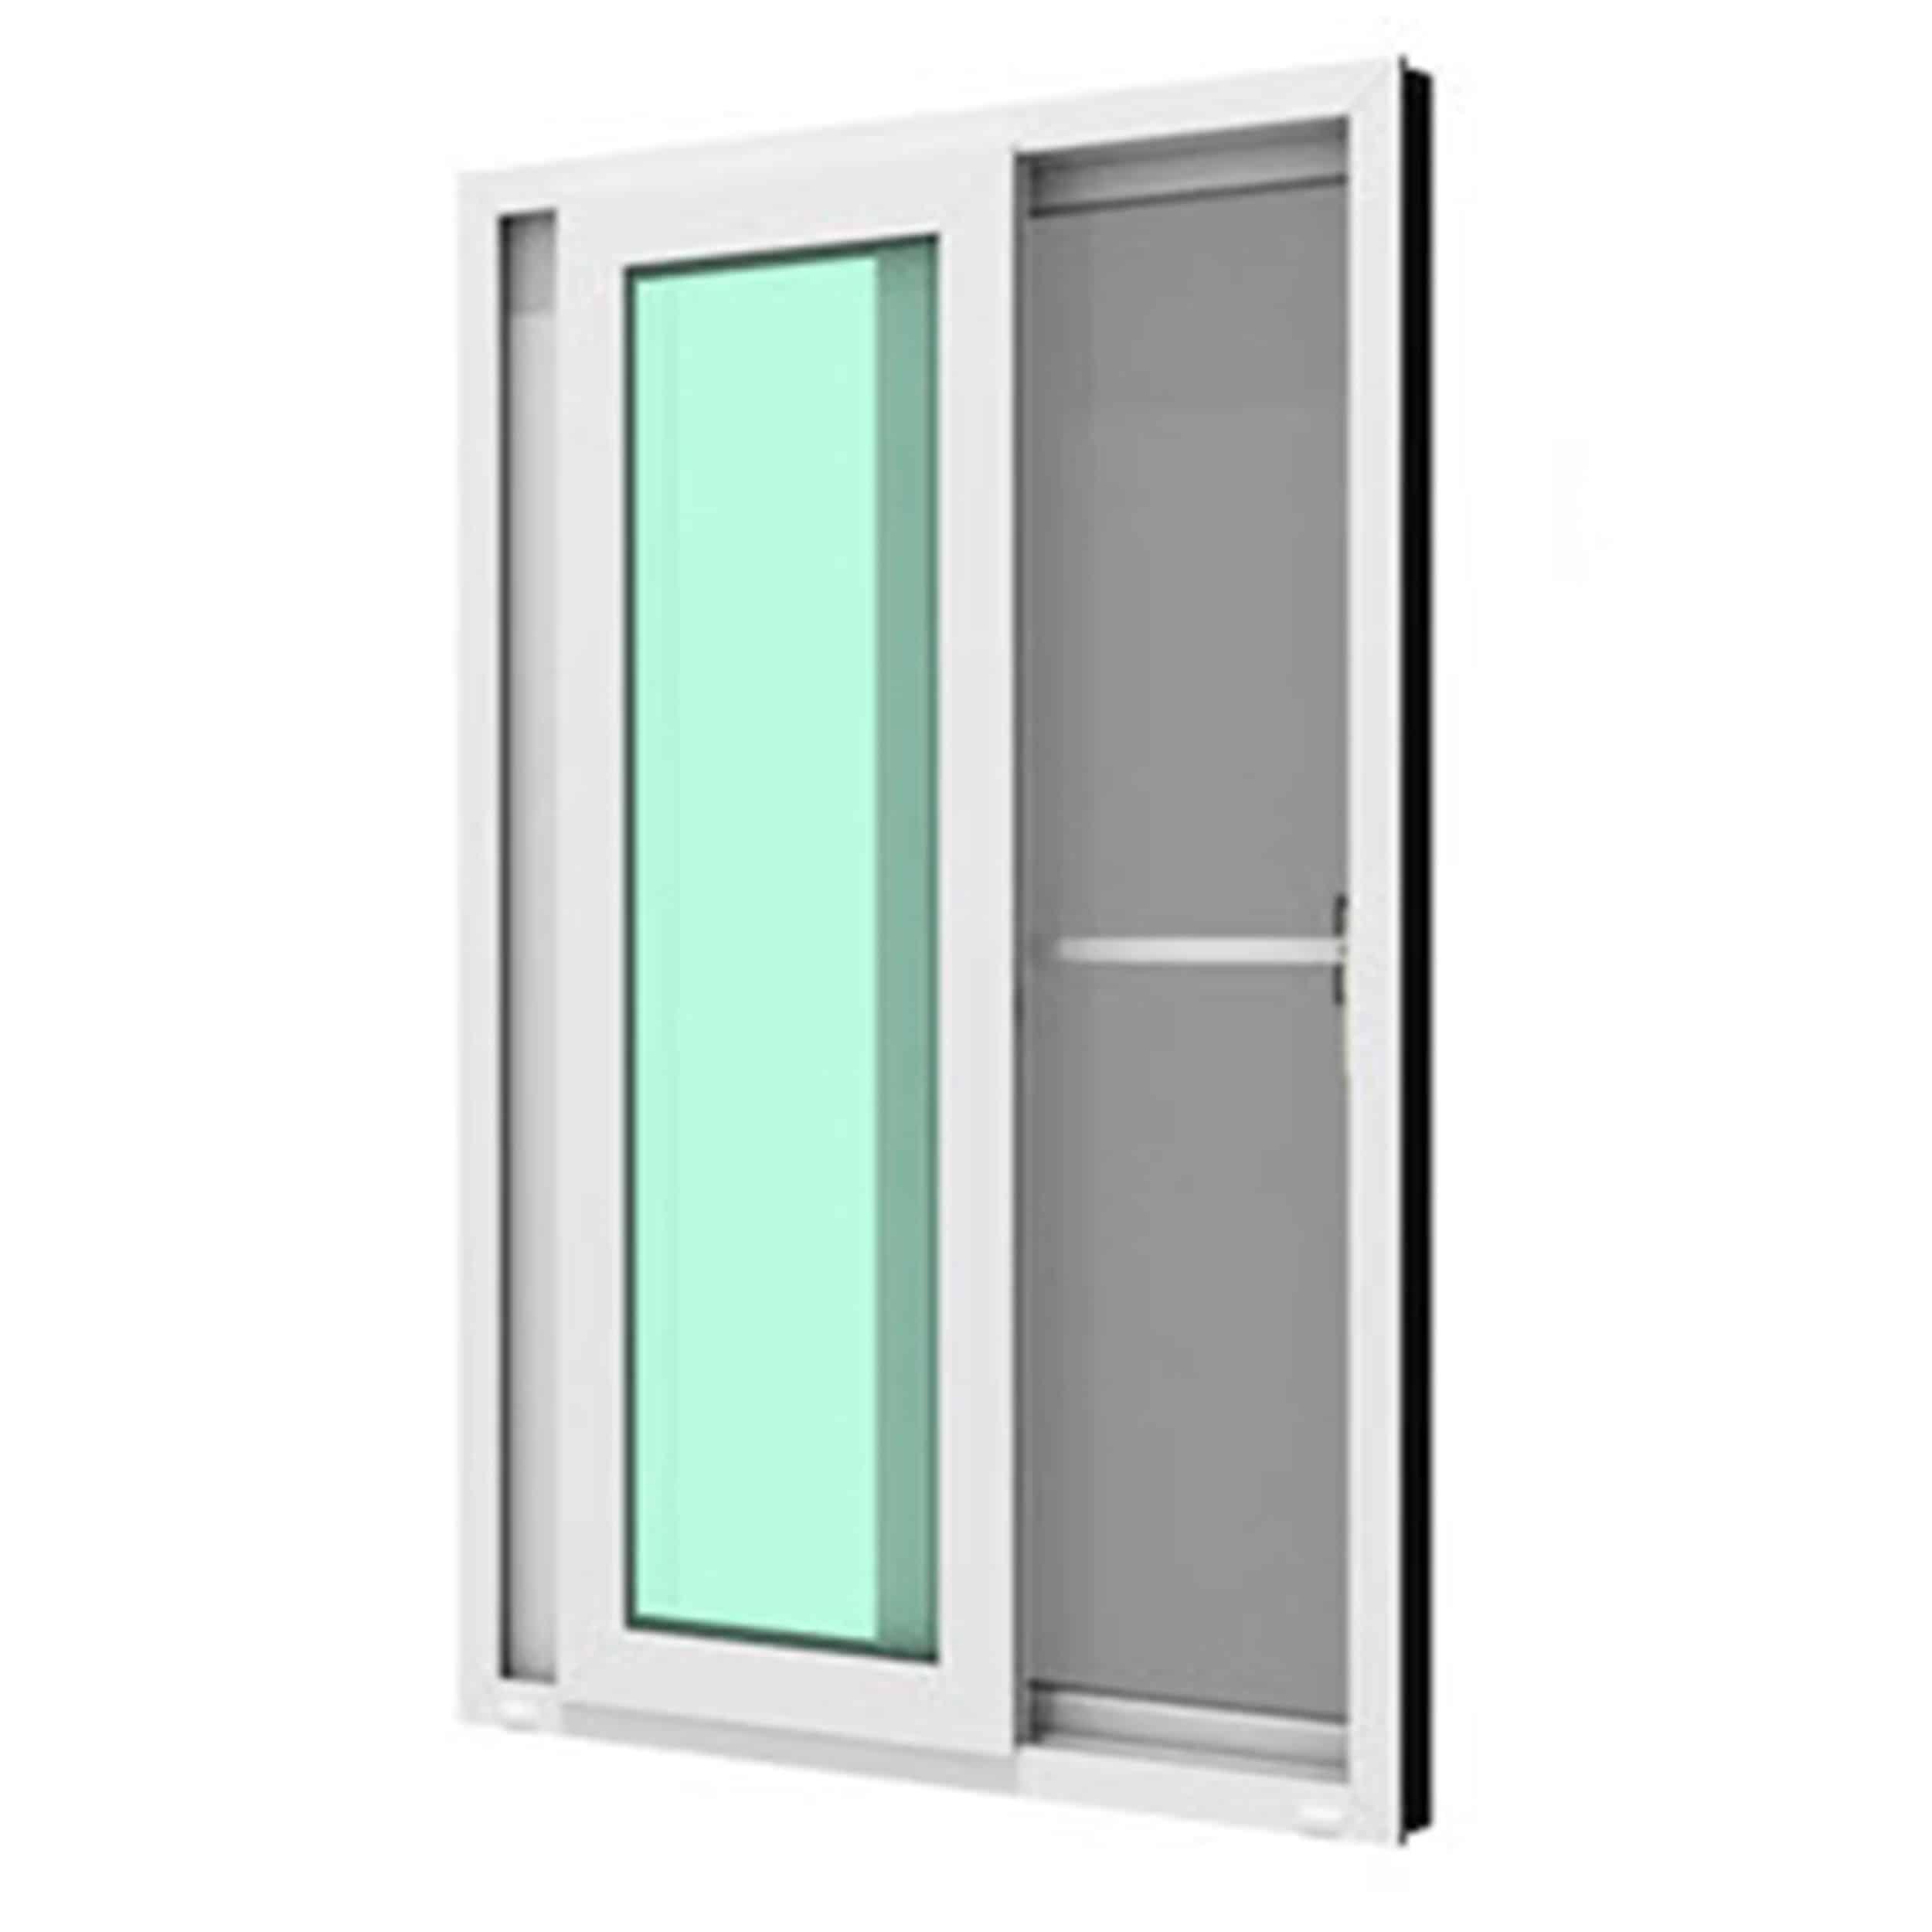 หน้าต่างบานเลื่อนคู่ WINDSOR รุ่น SIGNATURE กระจกเขียวใส 6 มม.+มุ้งลวด